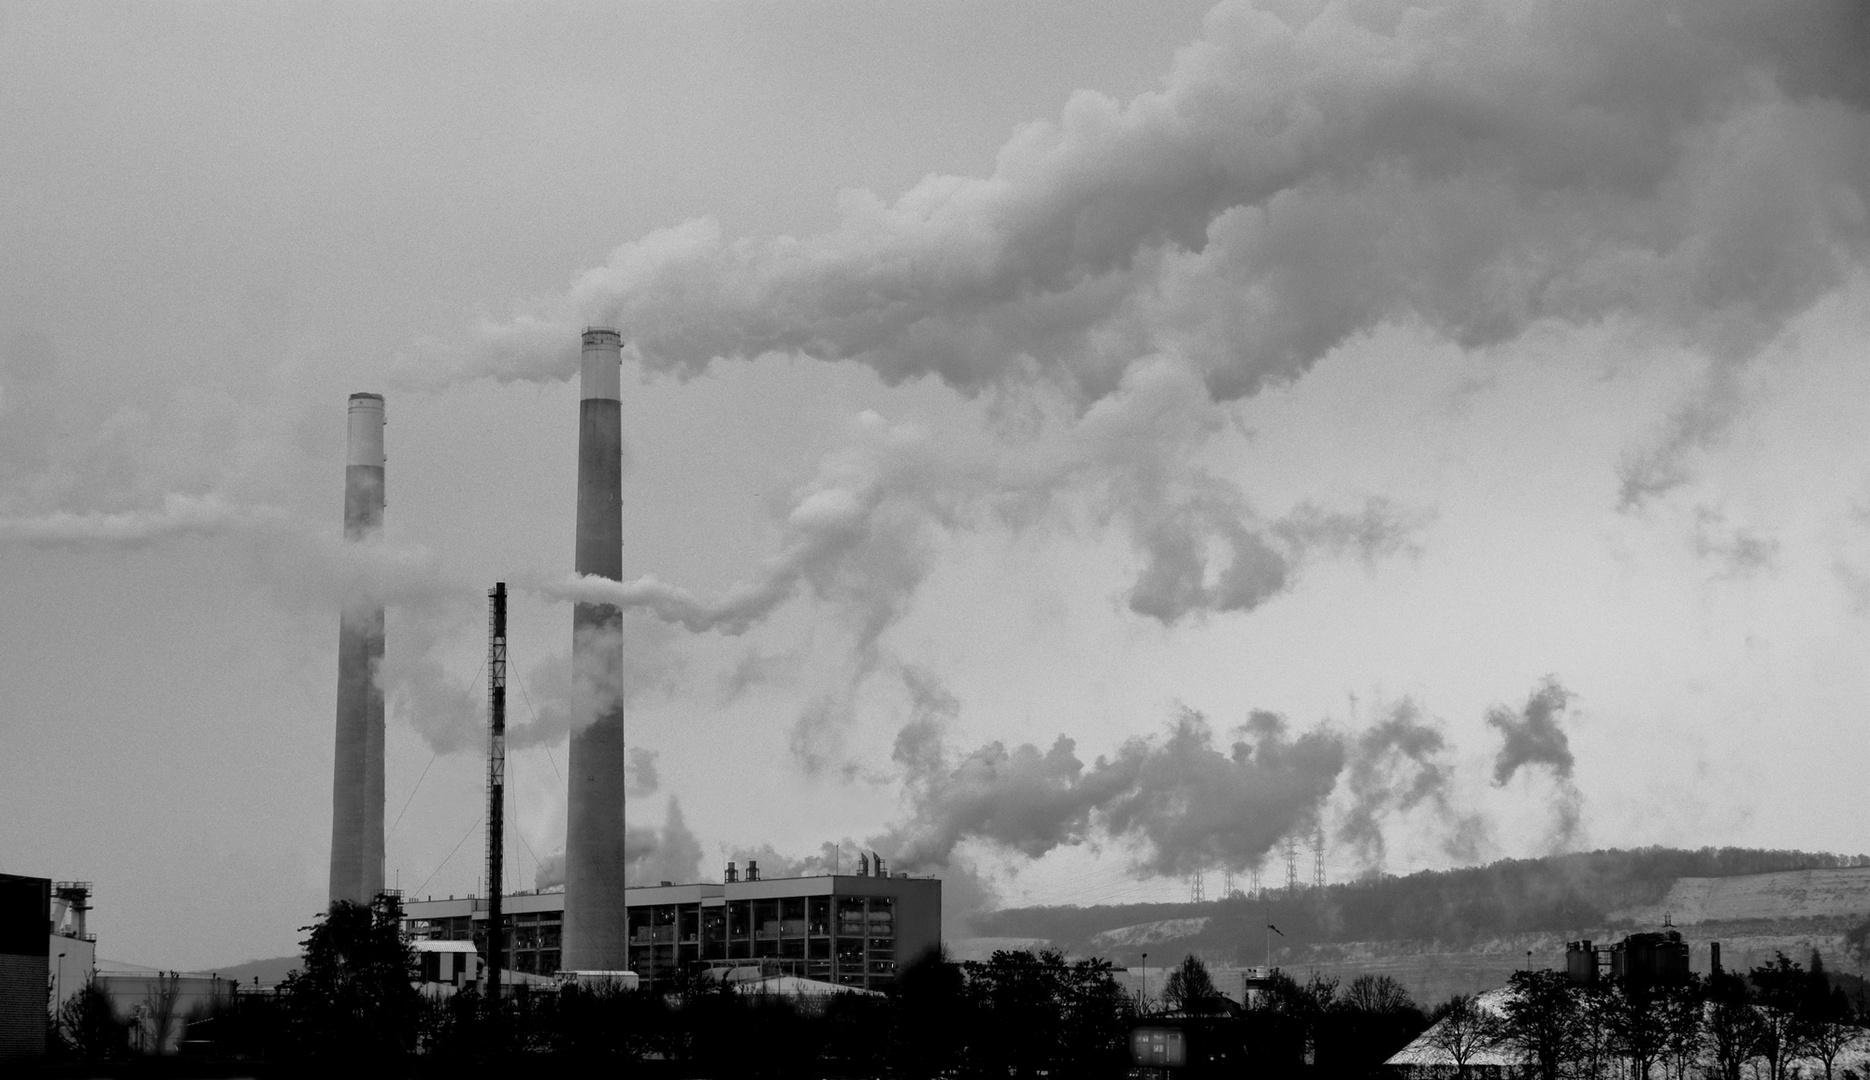 Longtemps pendant mon jeune age, je pensais que l'usine, faisait les nuages...